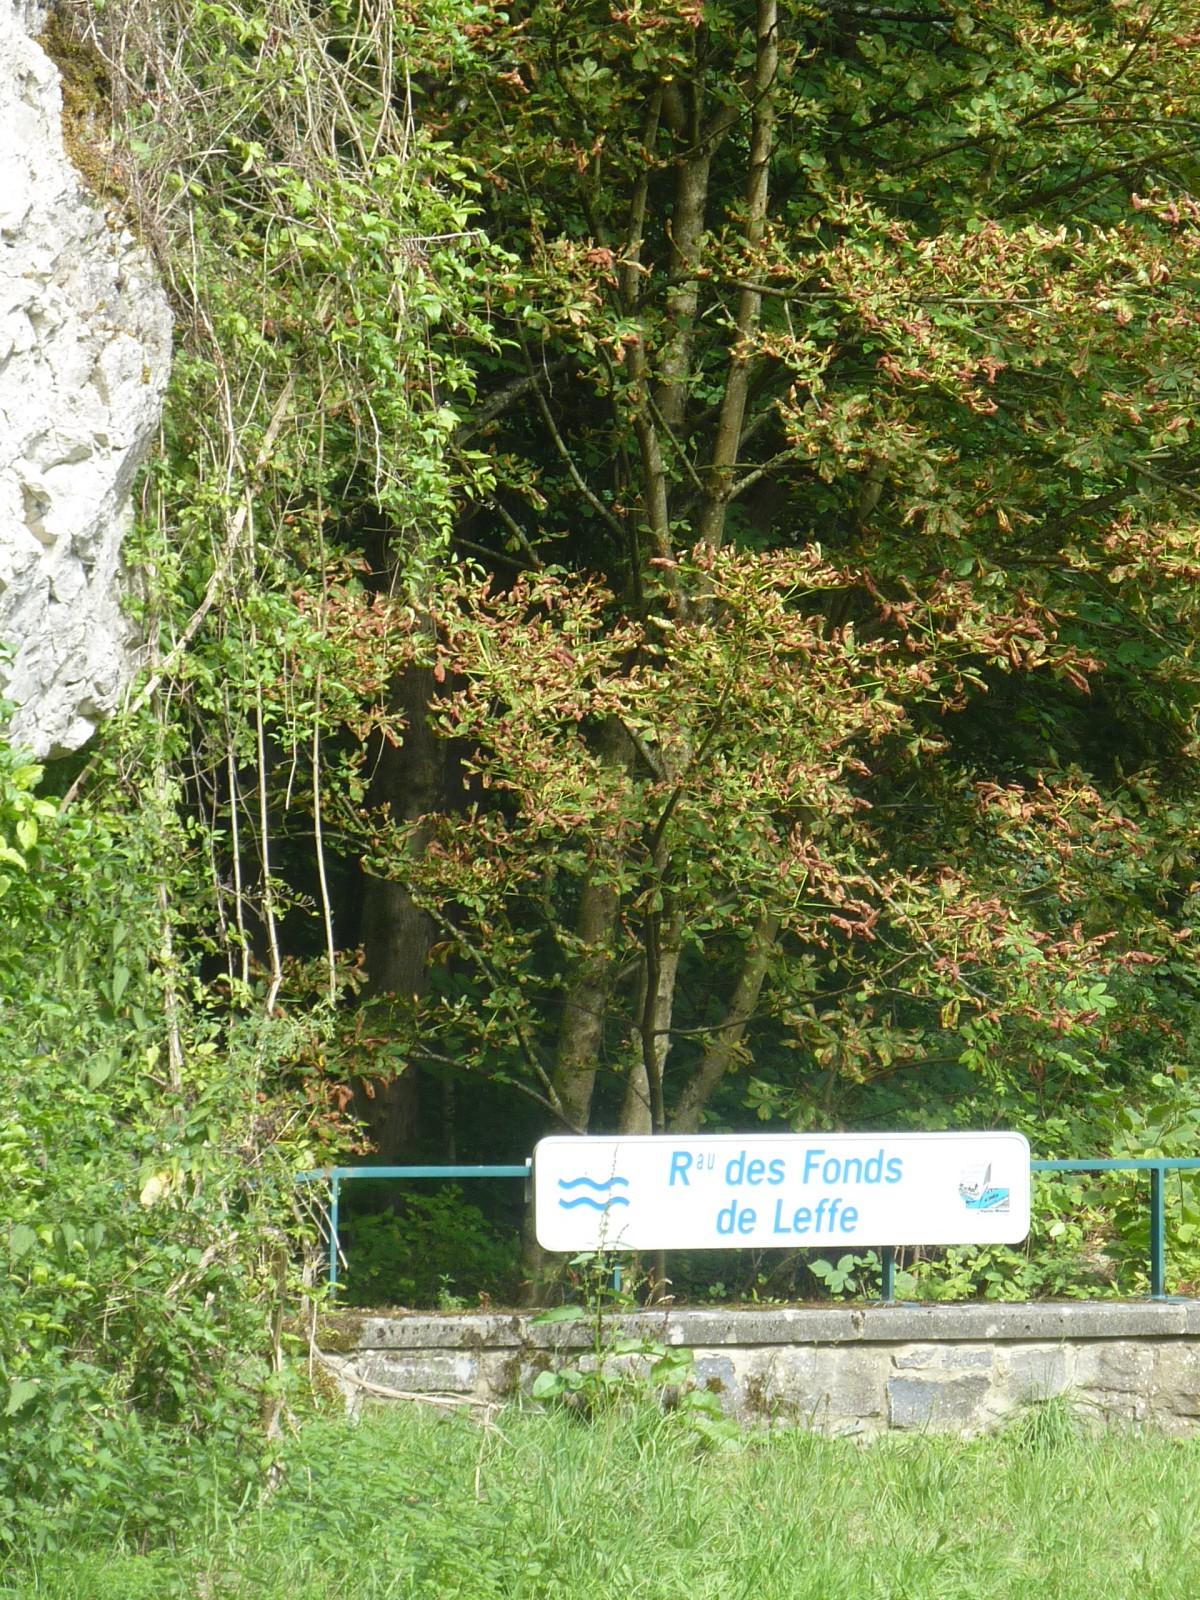 Photo le ruisseau des fonds de leffe for Les fonds des photos